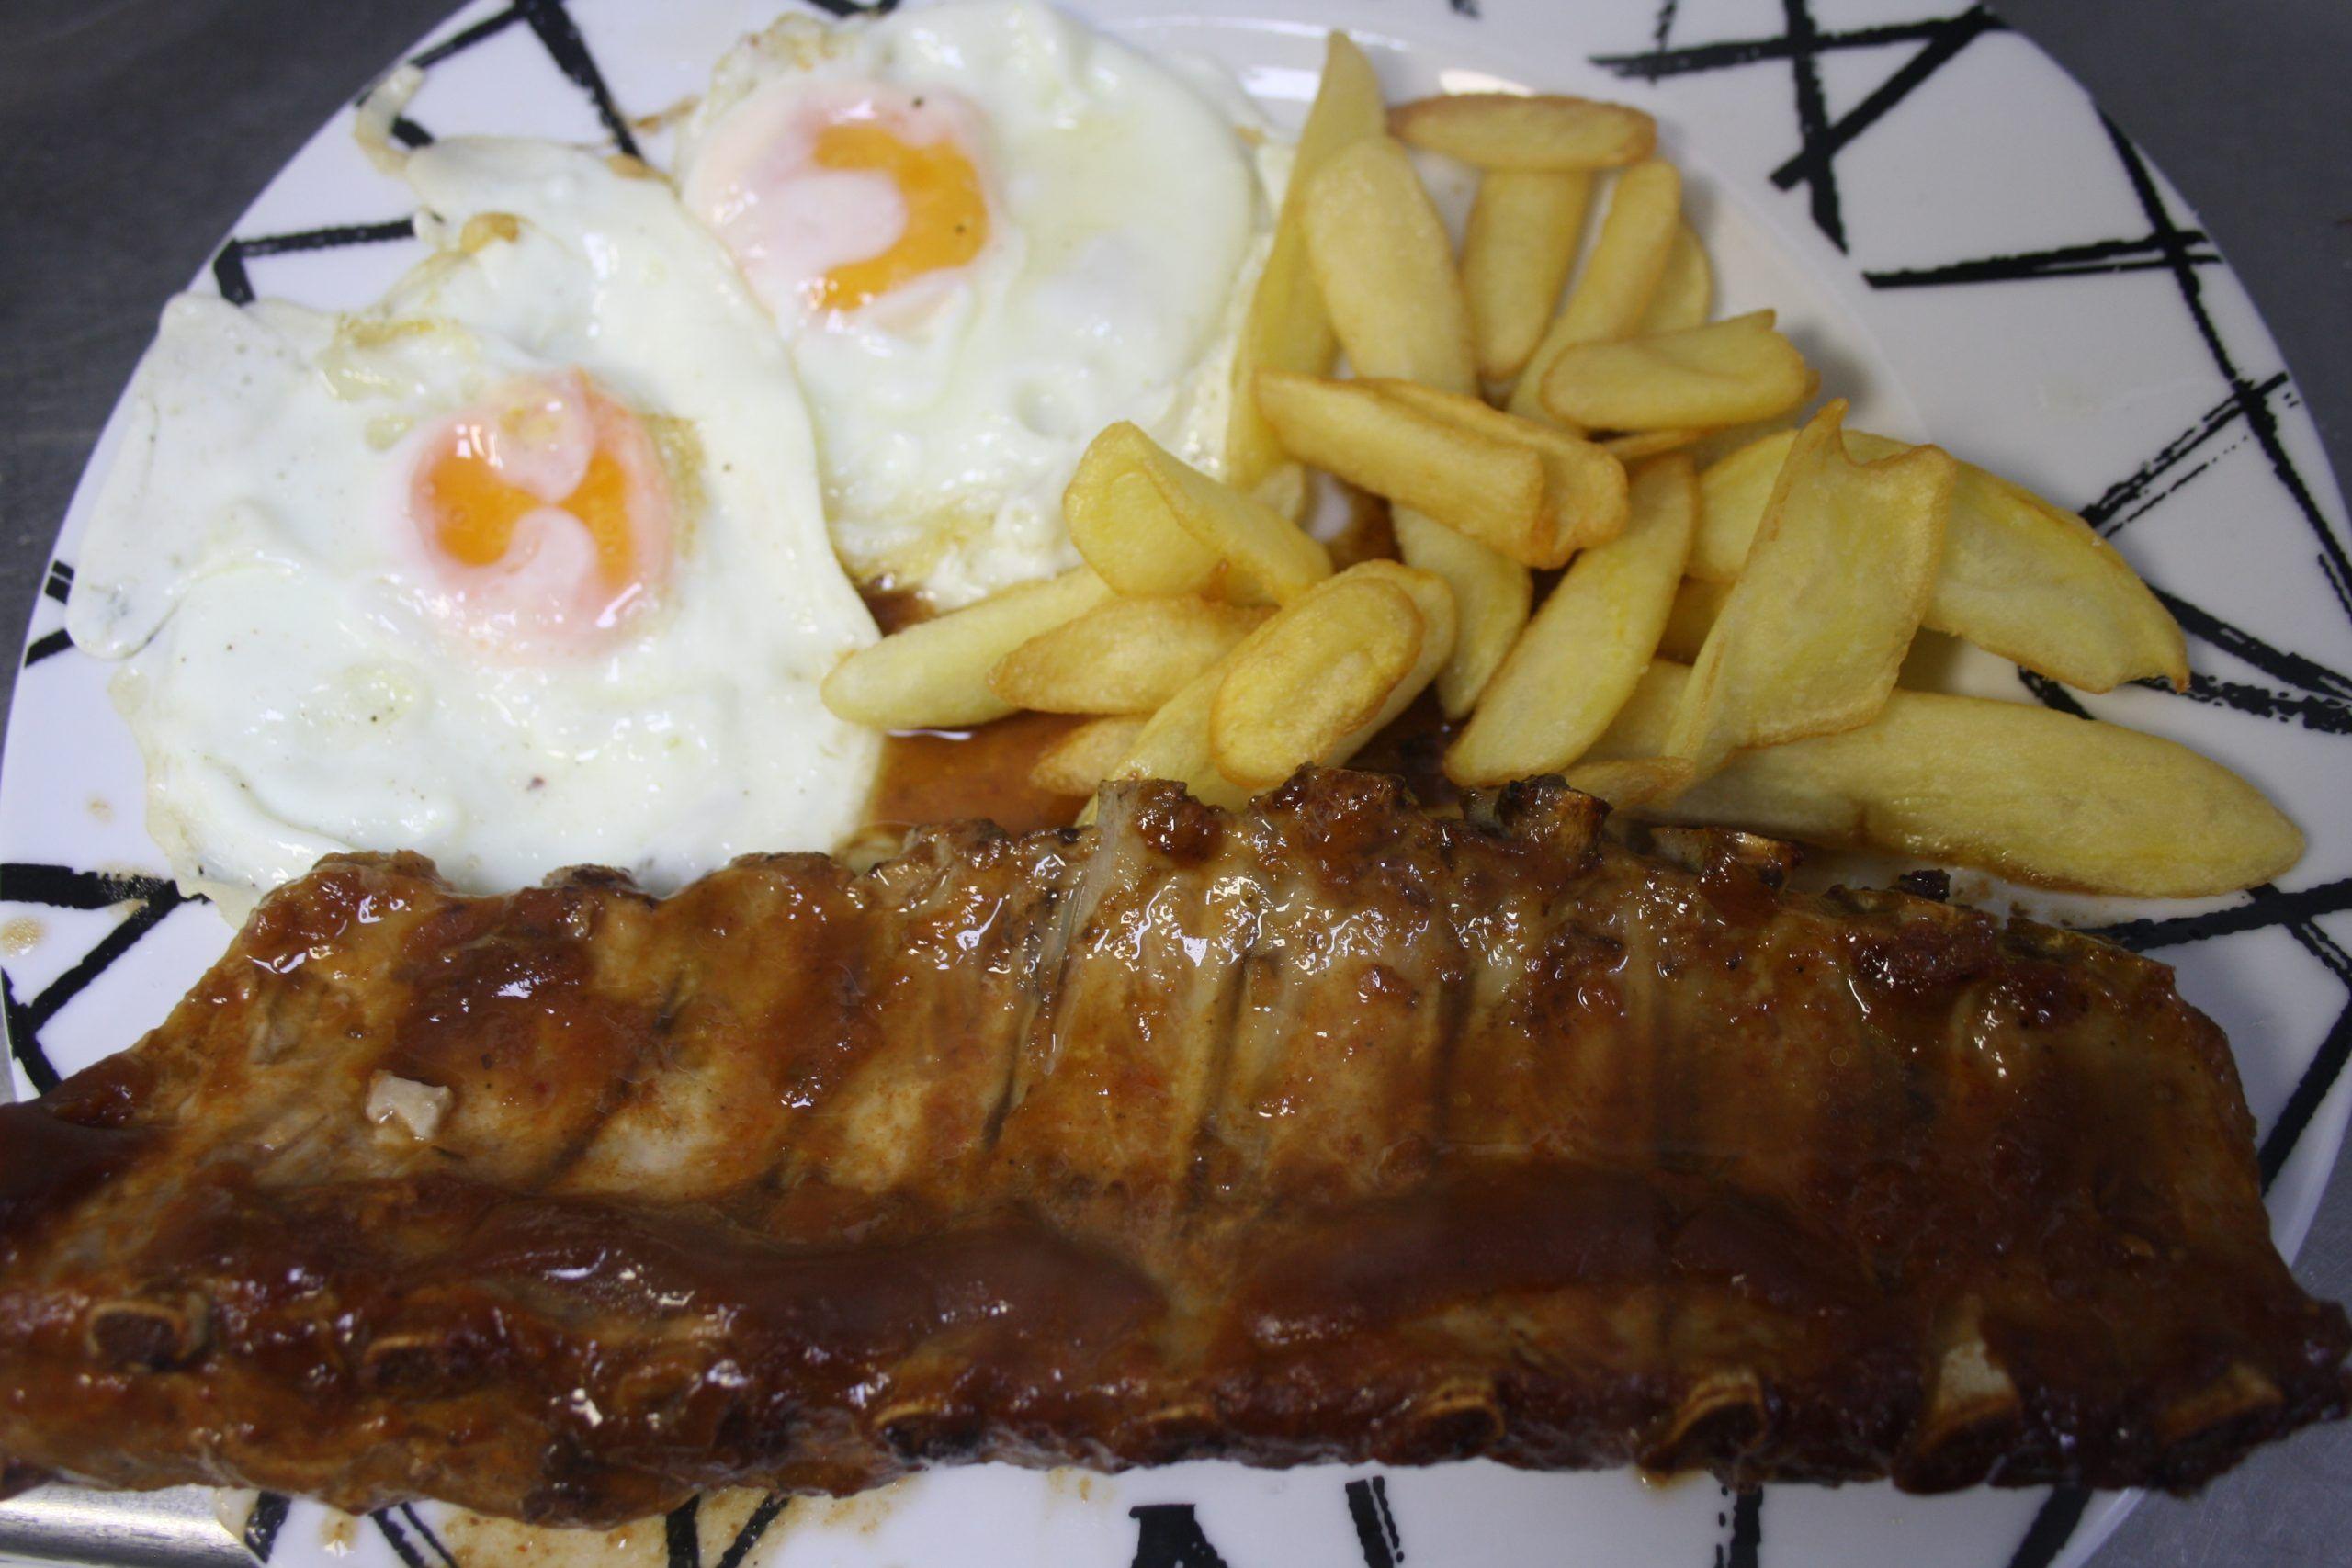 Costillar de cerdo asado con huevos fritos y patatas